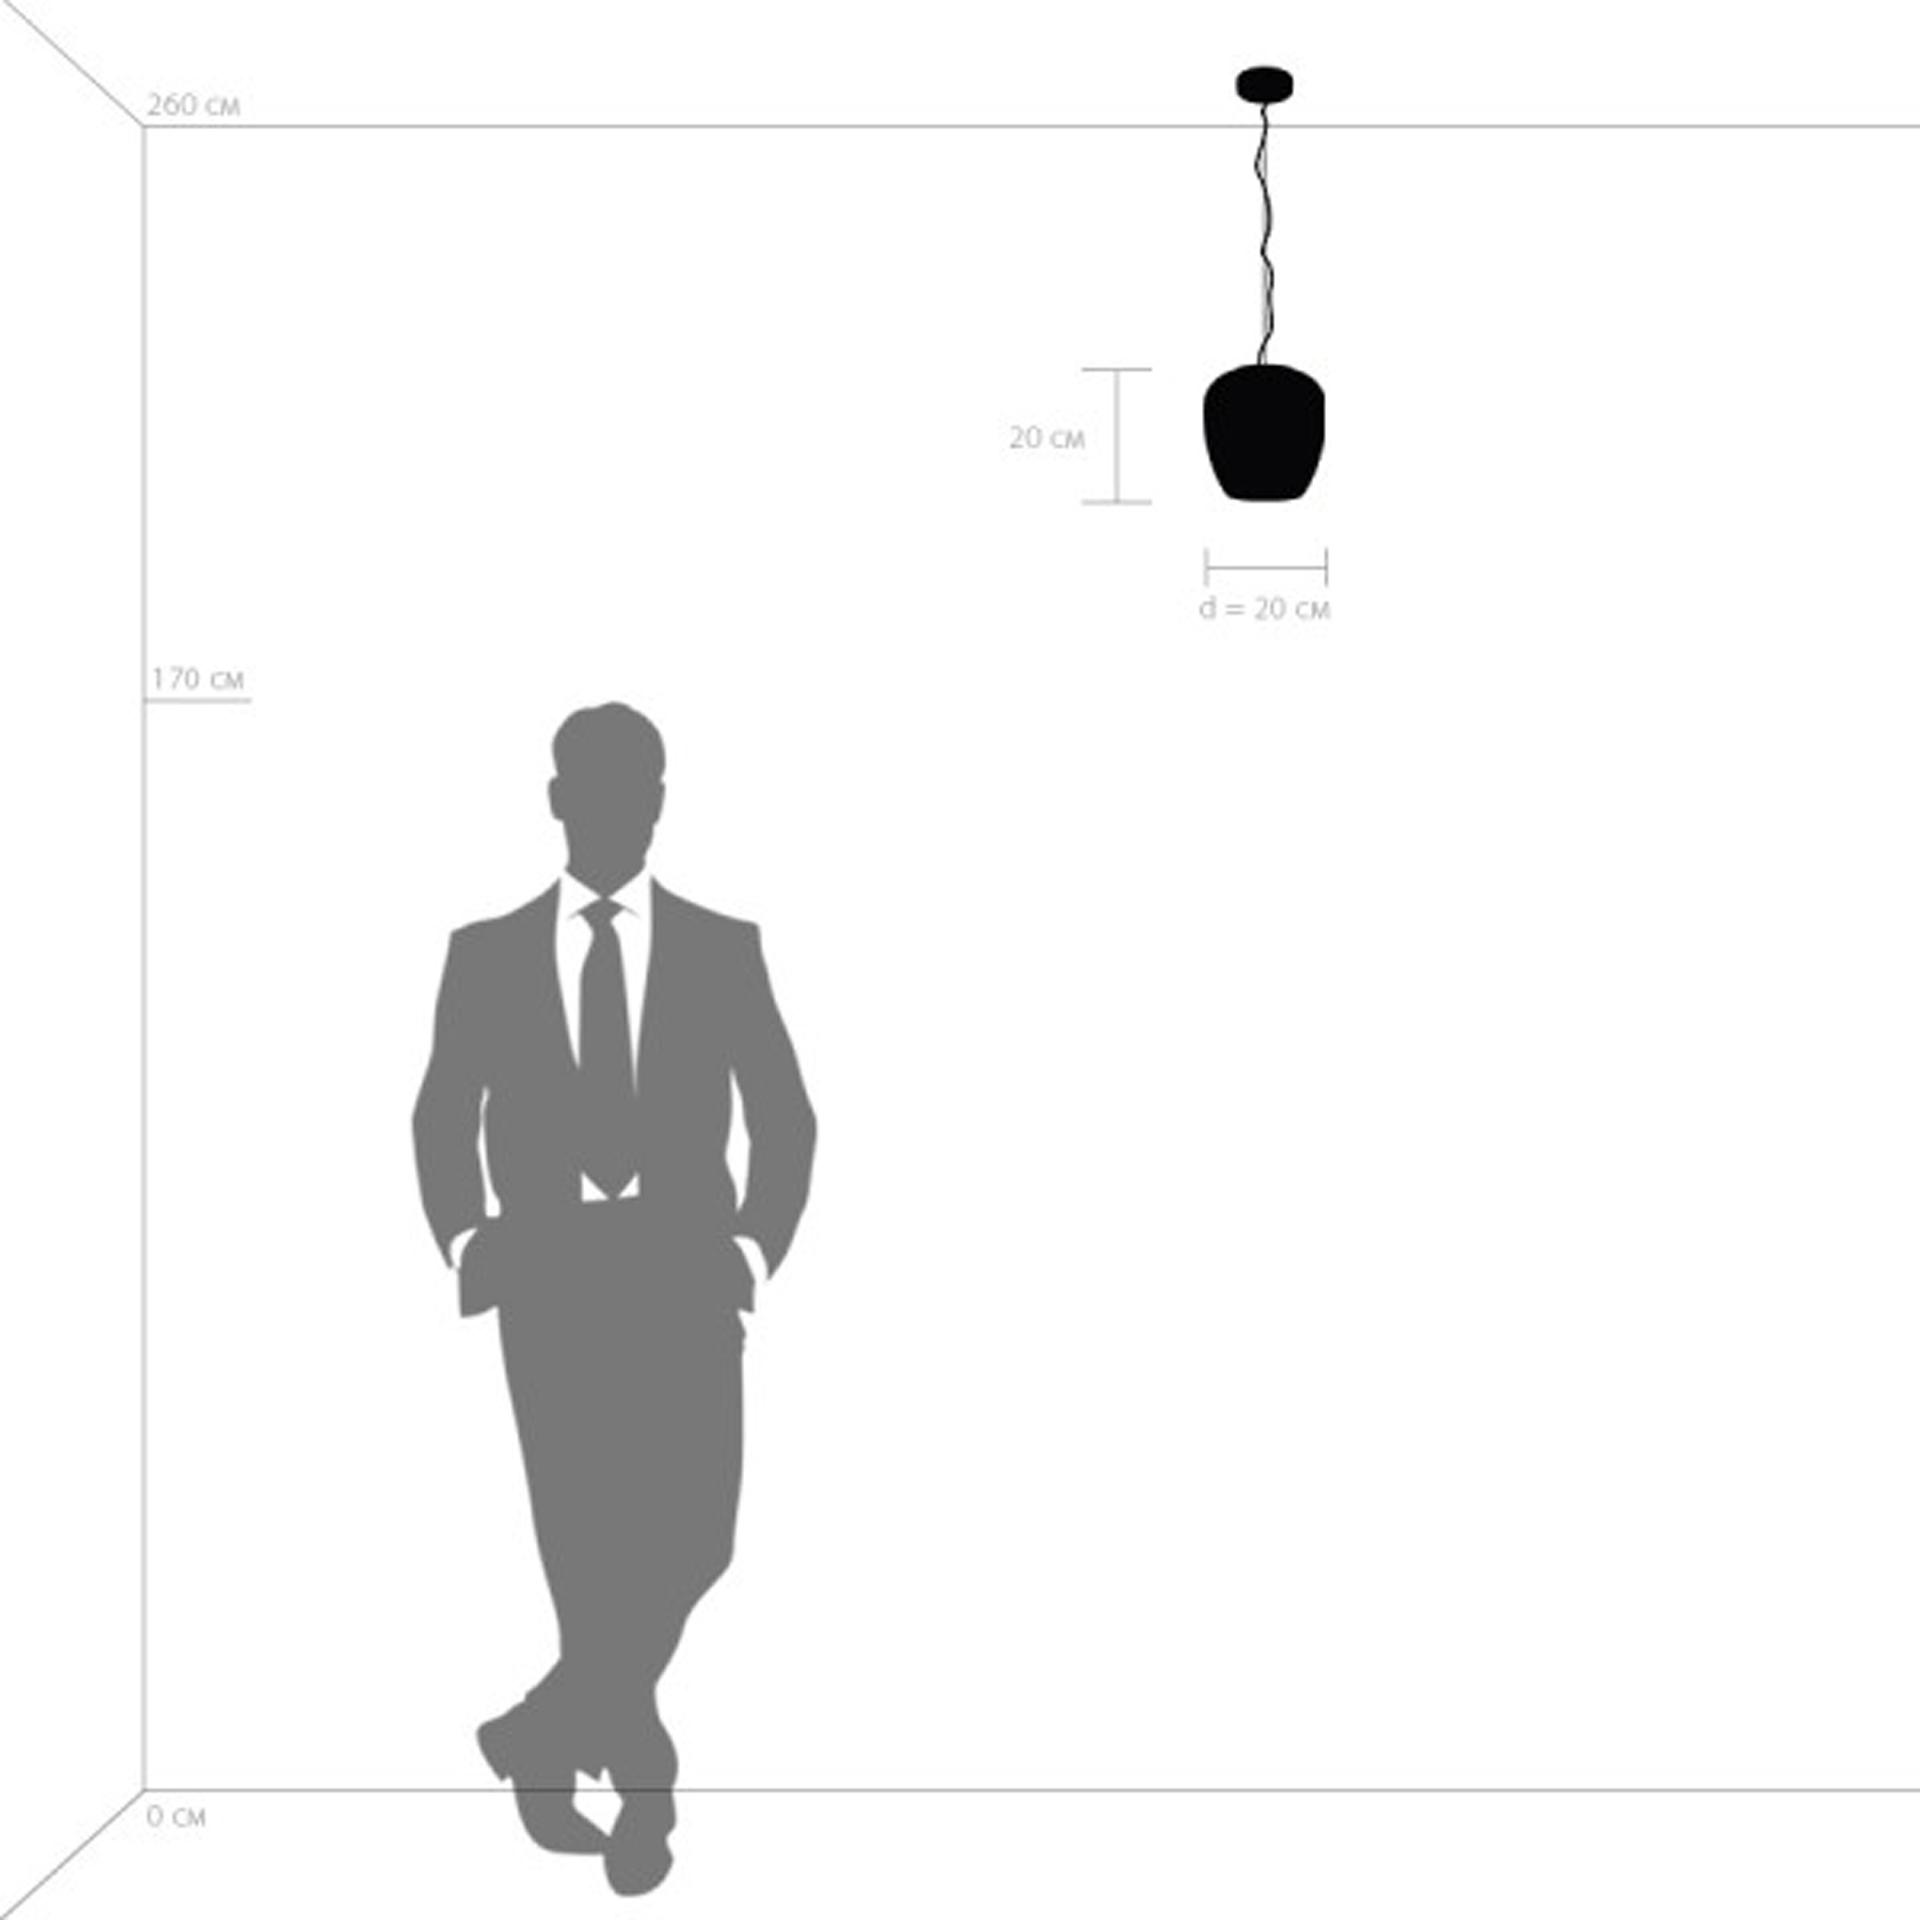 Люстра подвесная Arnia 1Х40W E27 Белый Lightstar 805011, купить в СПб, Москве, с доставкой, Санкт-Петербург, интернет-магазин люстр и светильников Starlight, фото в жизни